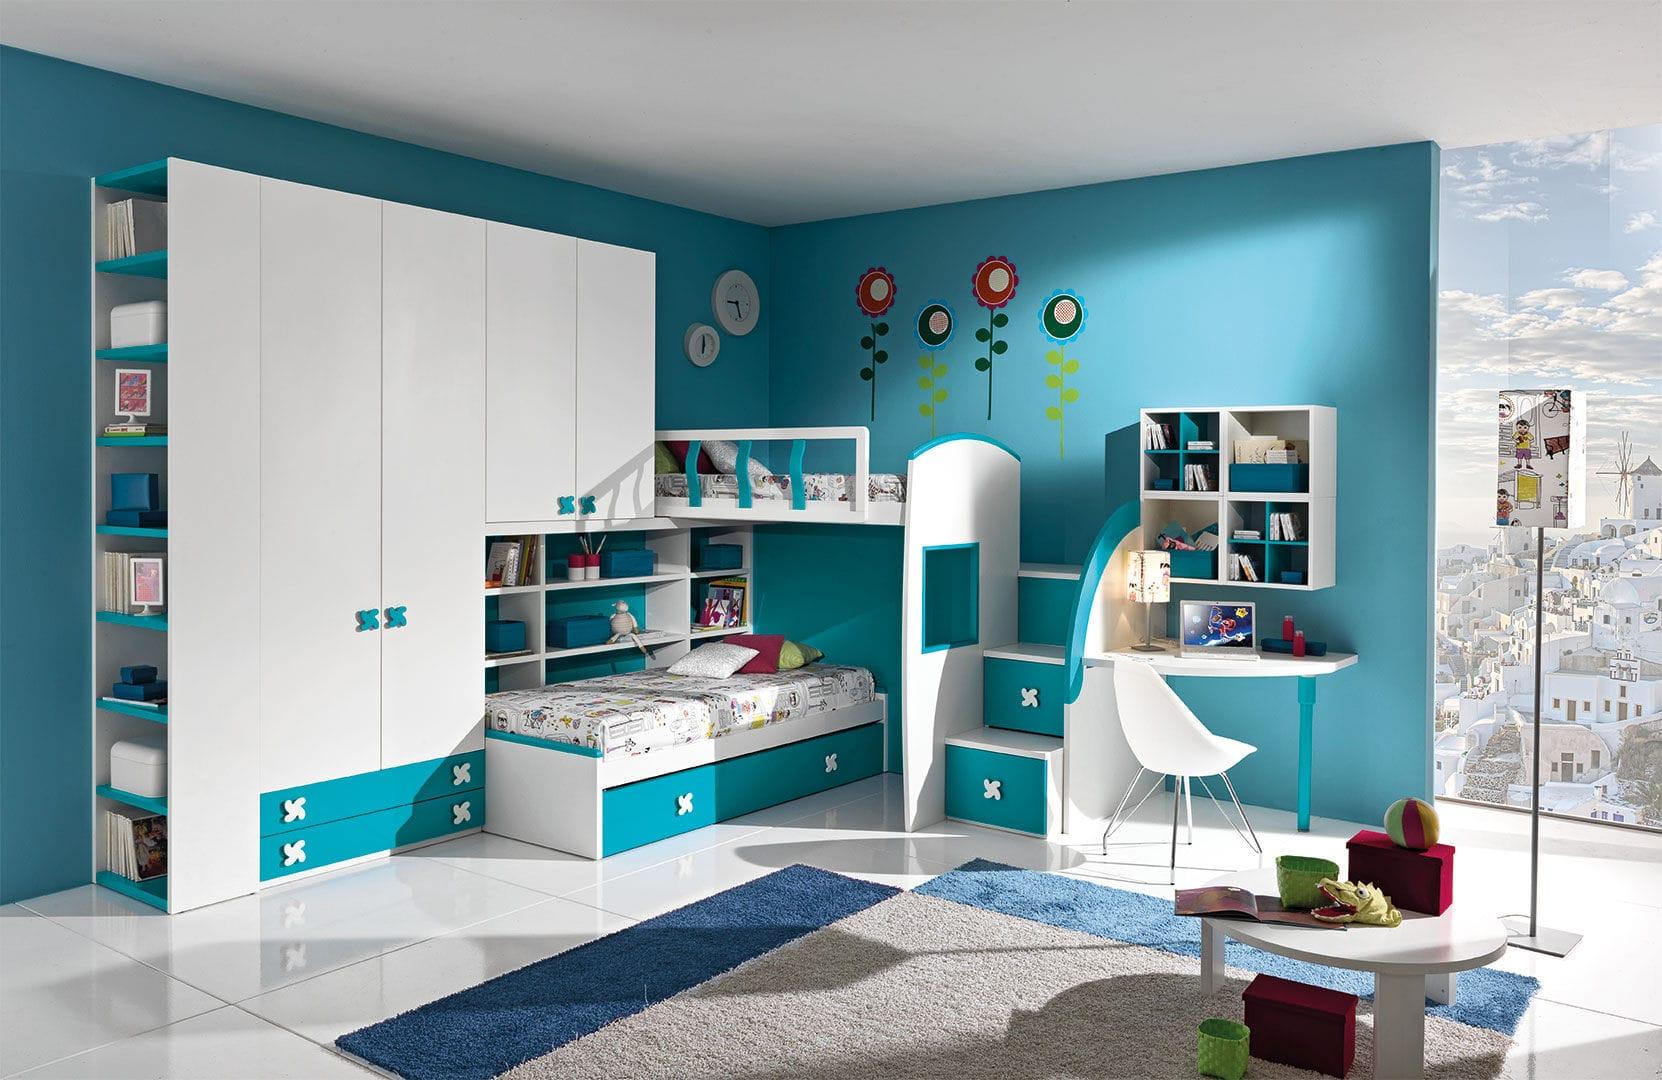 Cameretta Bianca E Blu : Cameretta bianca blu in legno per bimbo cm giessegi